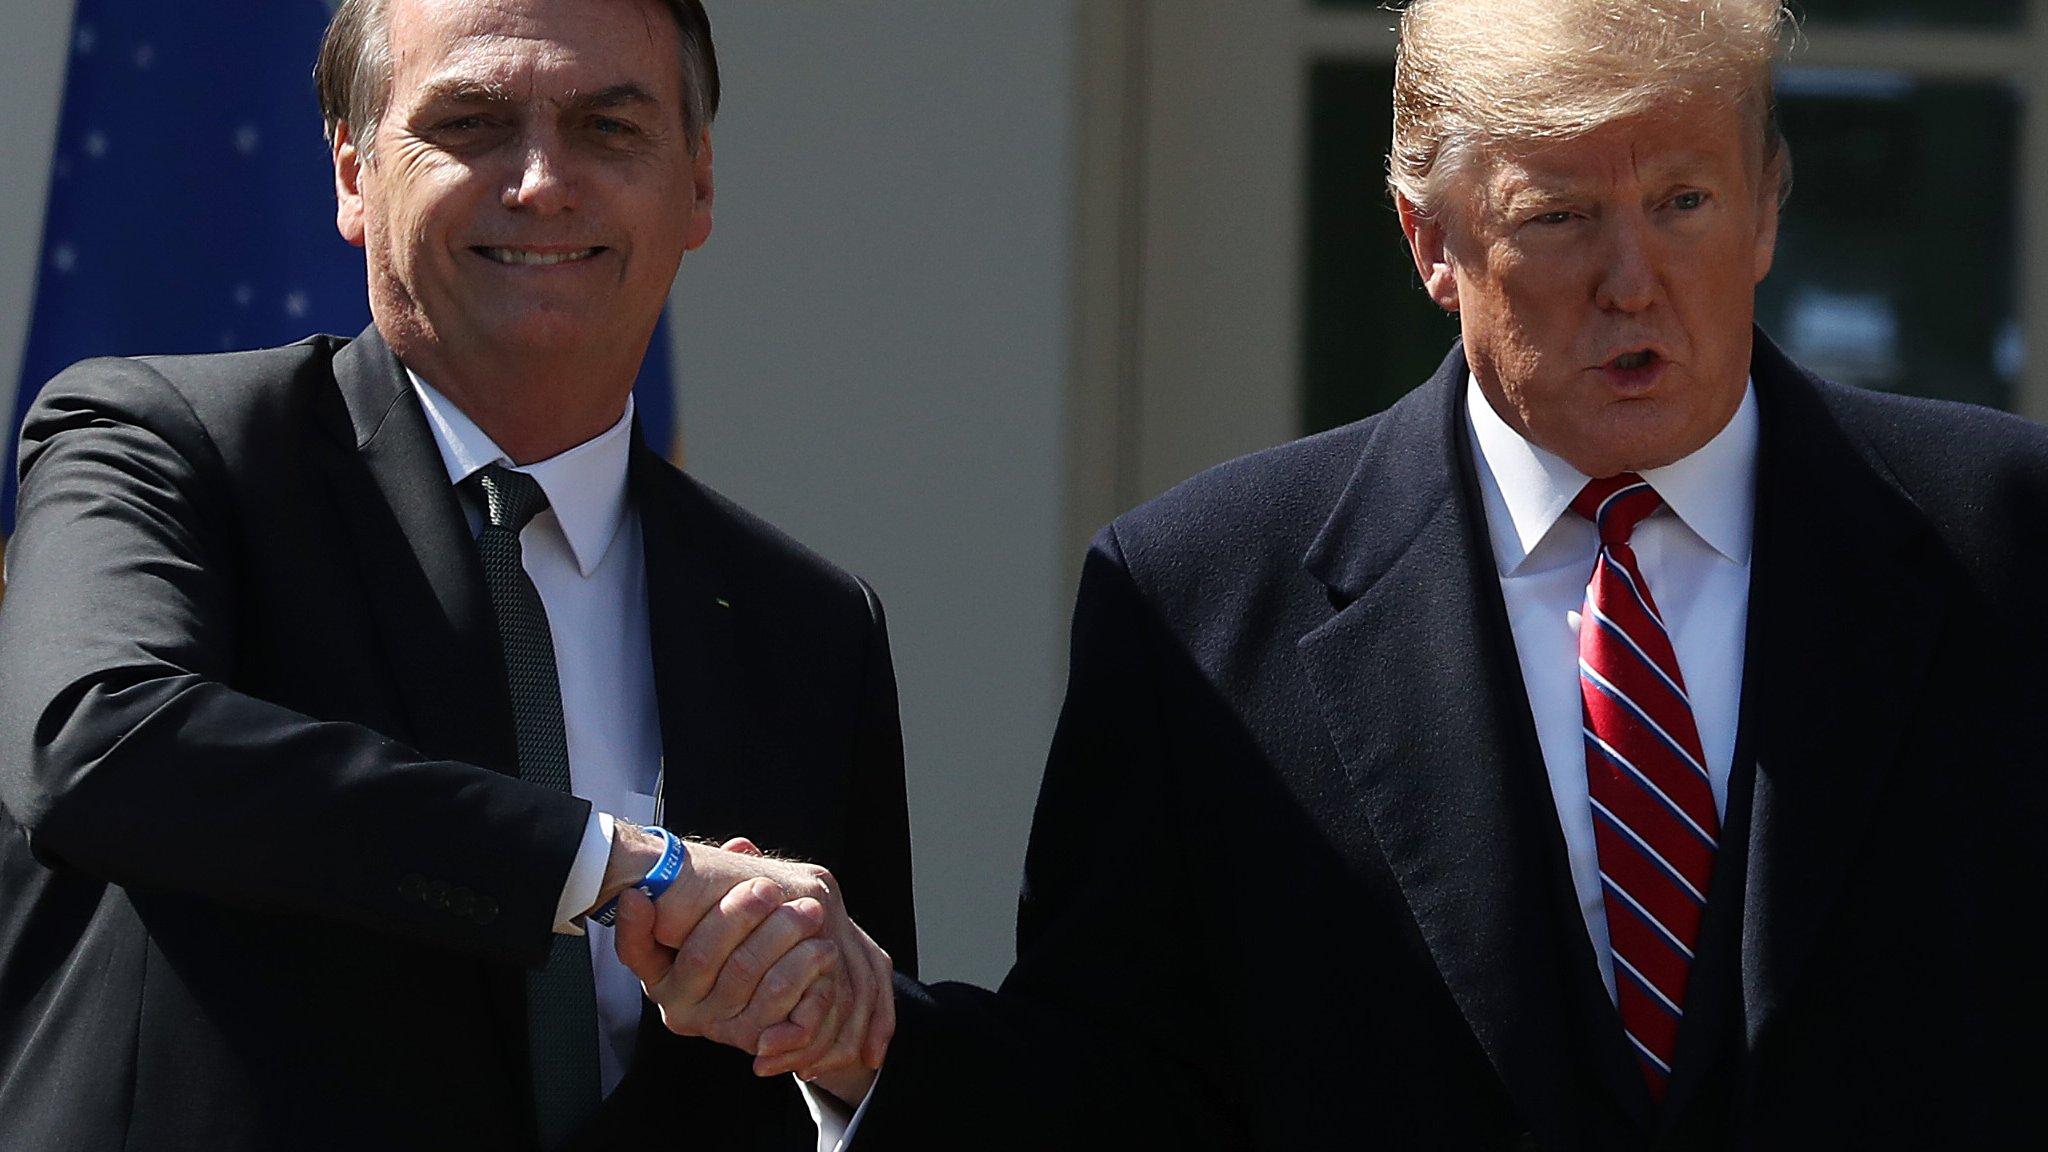 Trump 2.0 visits Washington